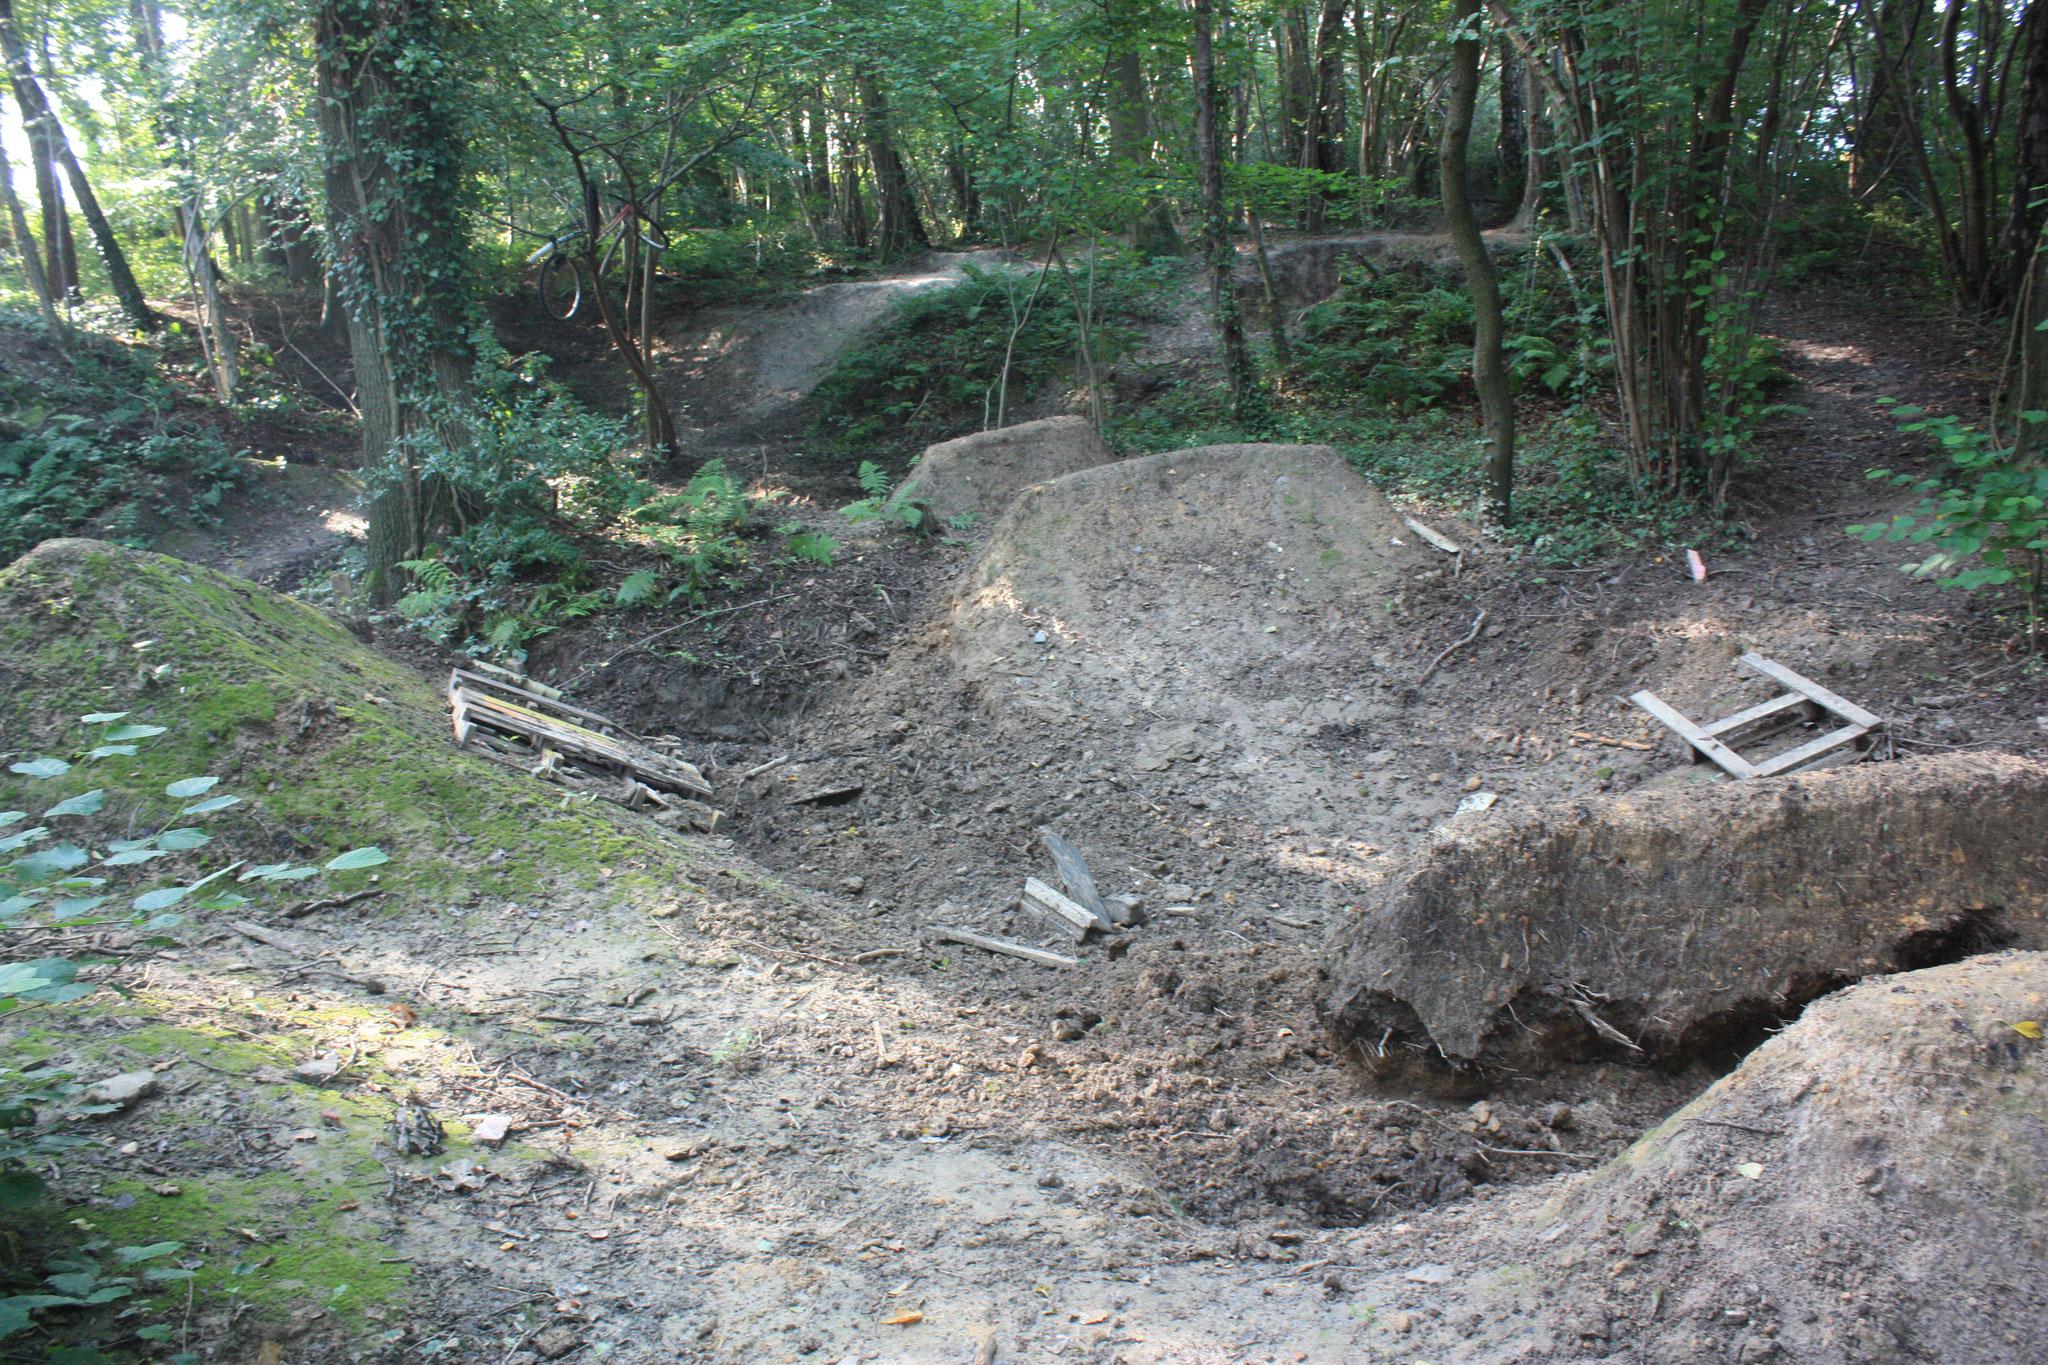 Copyright: BiHU VoG, Ansicht auf die Erdbauarbeiten in der Fahrrad-Downhillstrecke die durch die Kinder und Jugendlichen errichtet wurden.